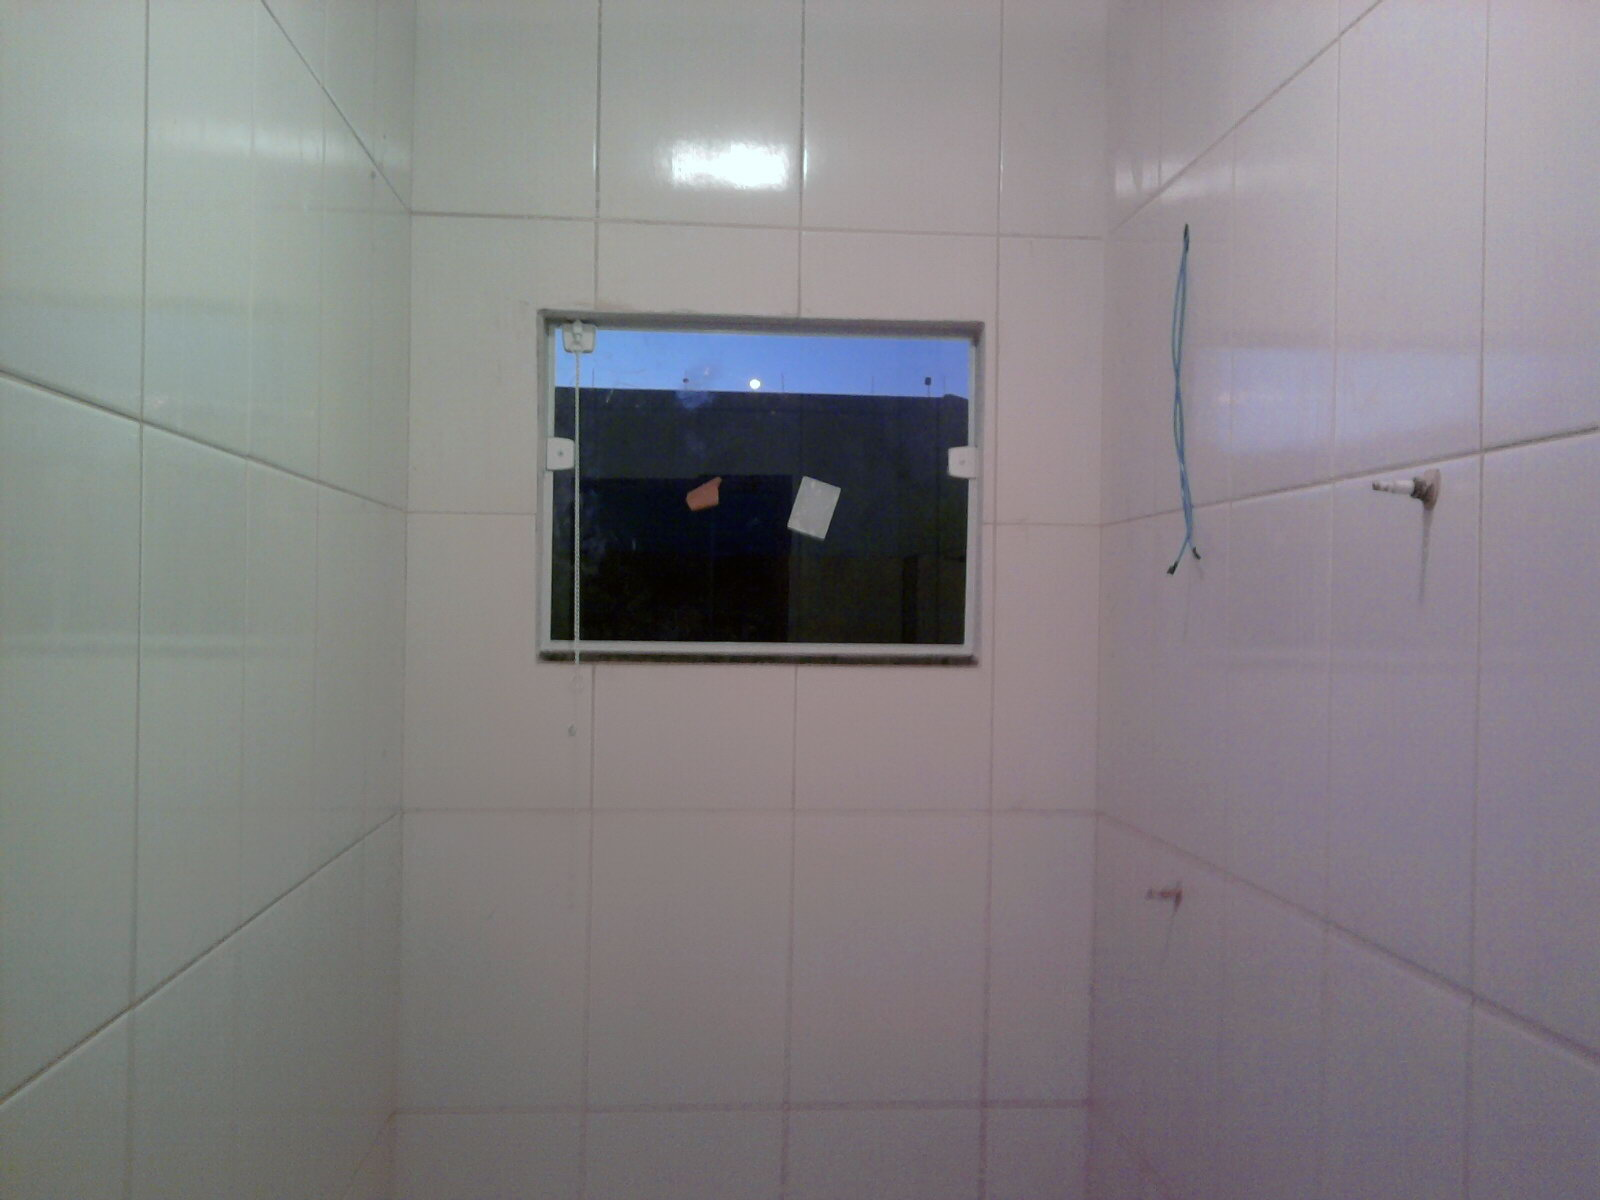 Banheiro janelinha de blindex #4B5680 1600x1200 Banheiro De Blindex